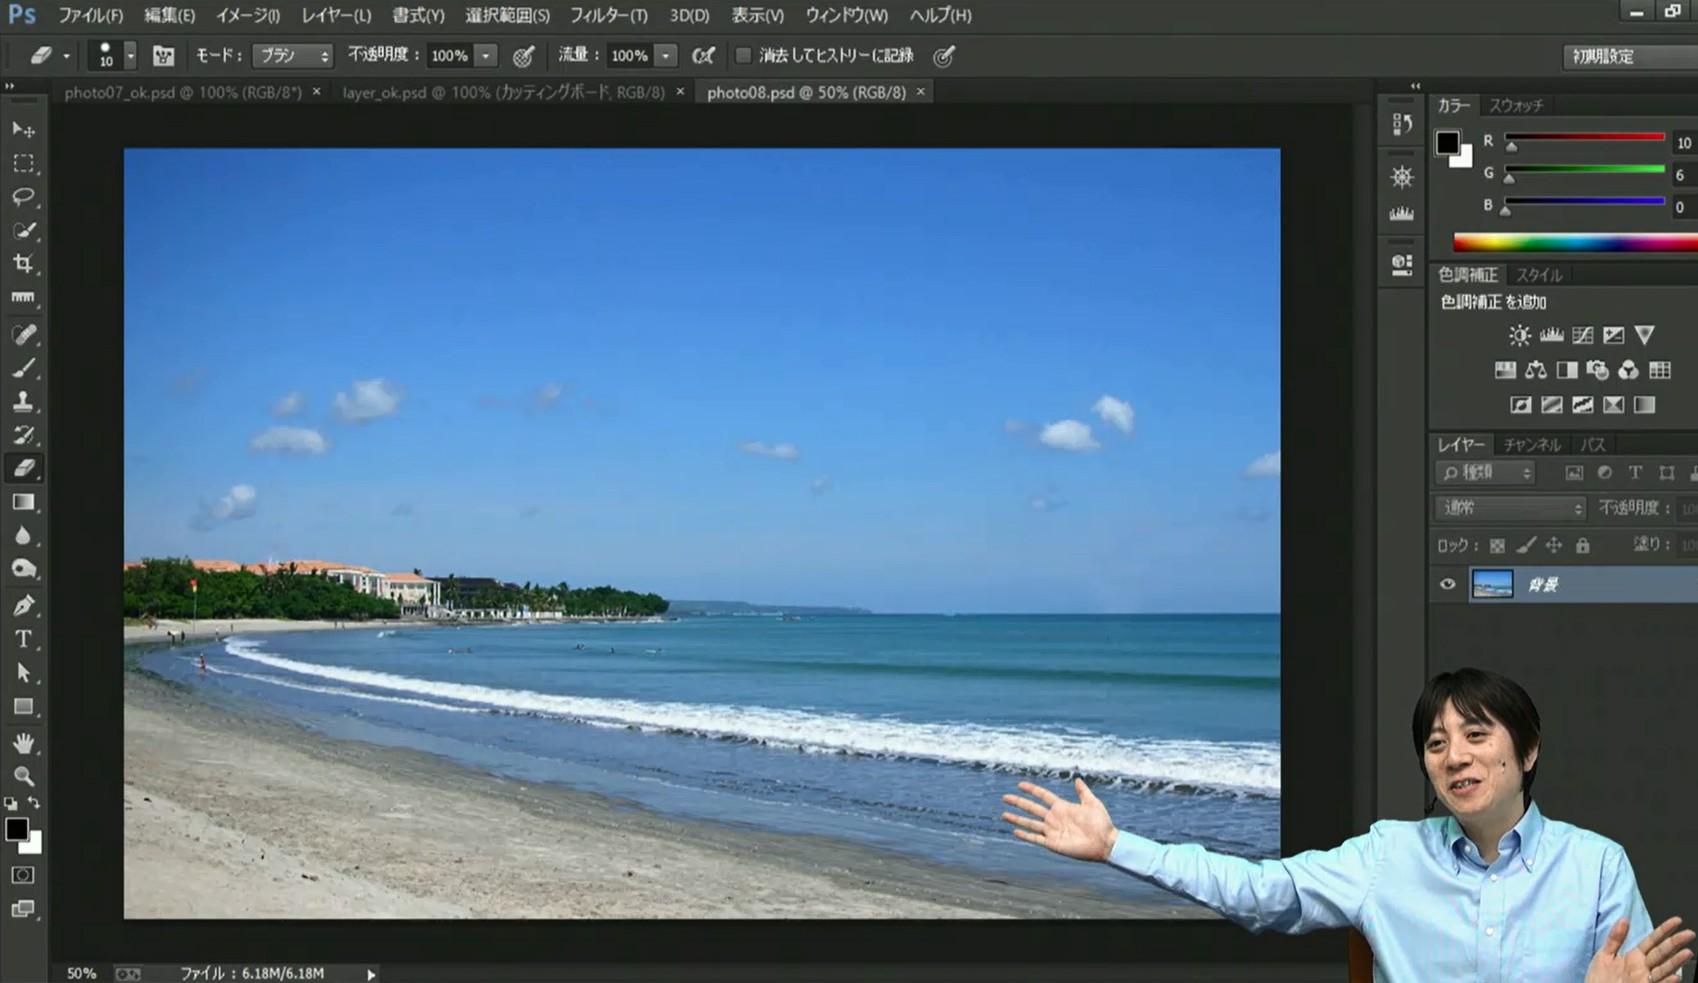 現役クリエイターが教える、Photoshopの基本テクニック【写真修正編】★無料お試し版